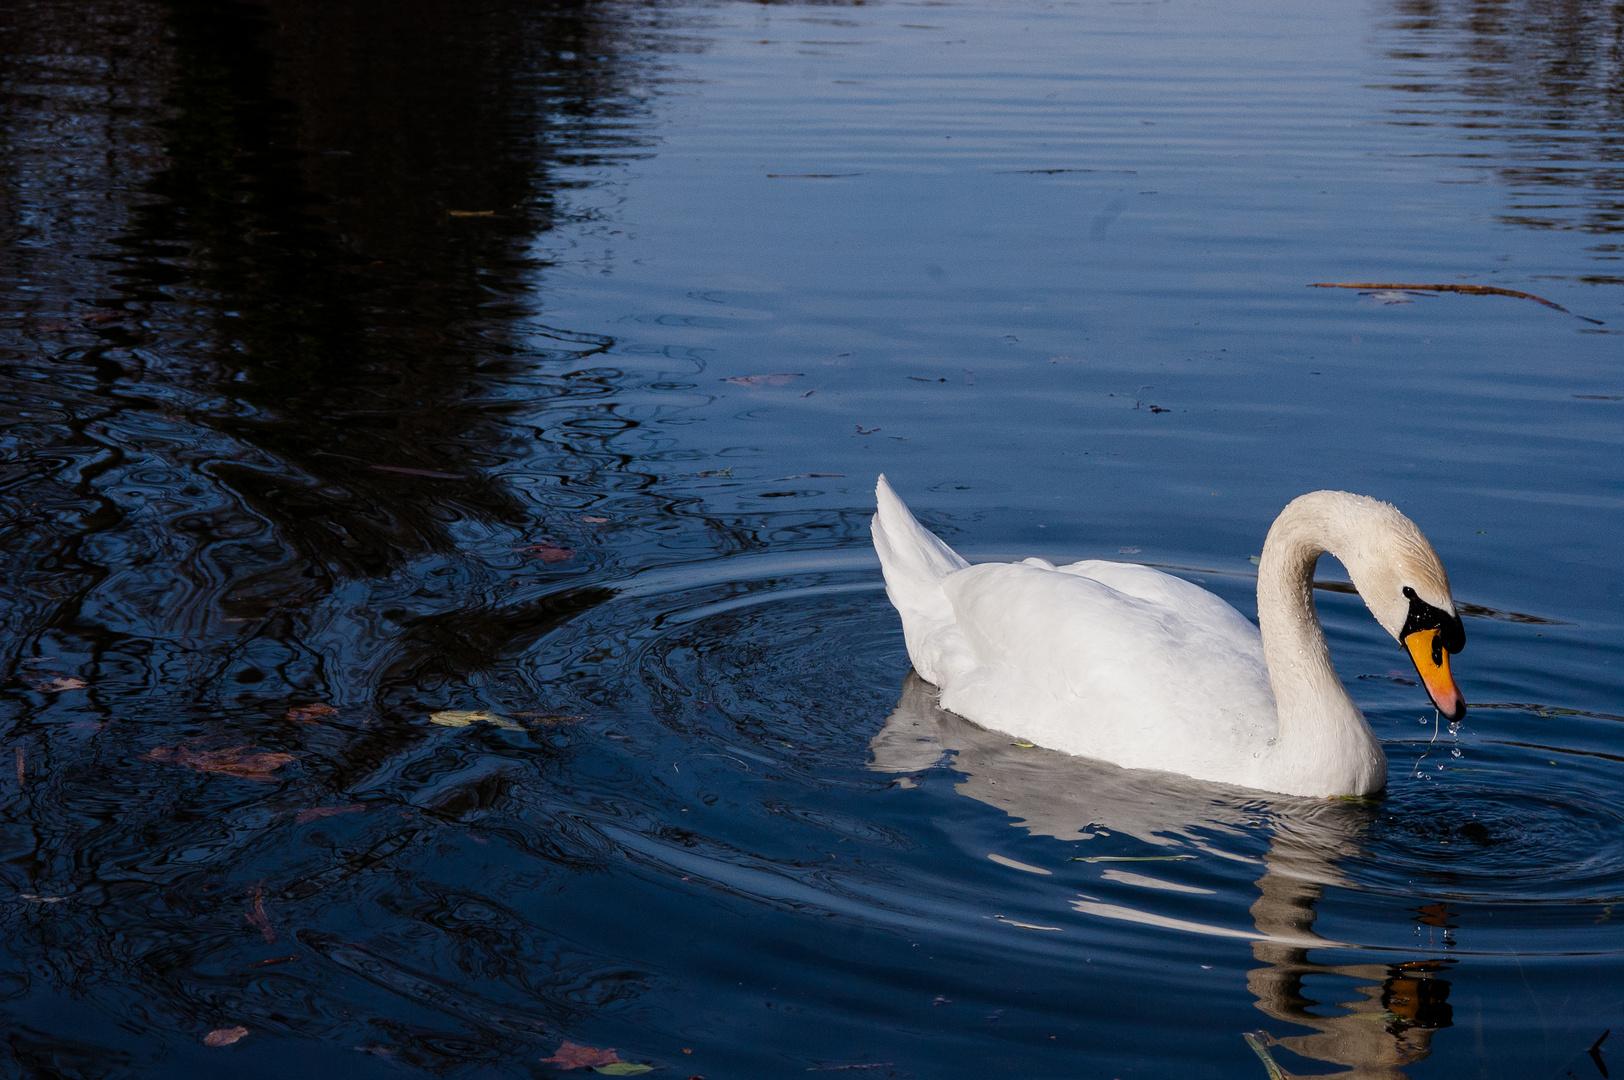 la bellezza sull'acqua (Schönheit auf dem Wasser)